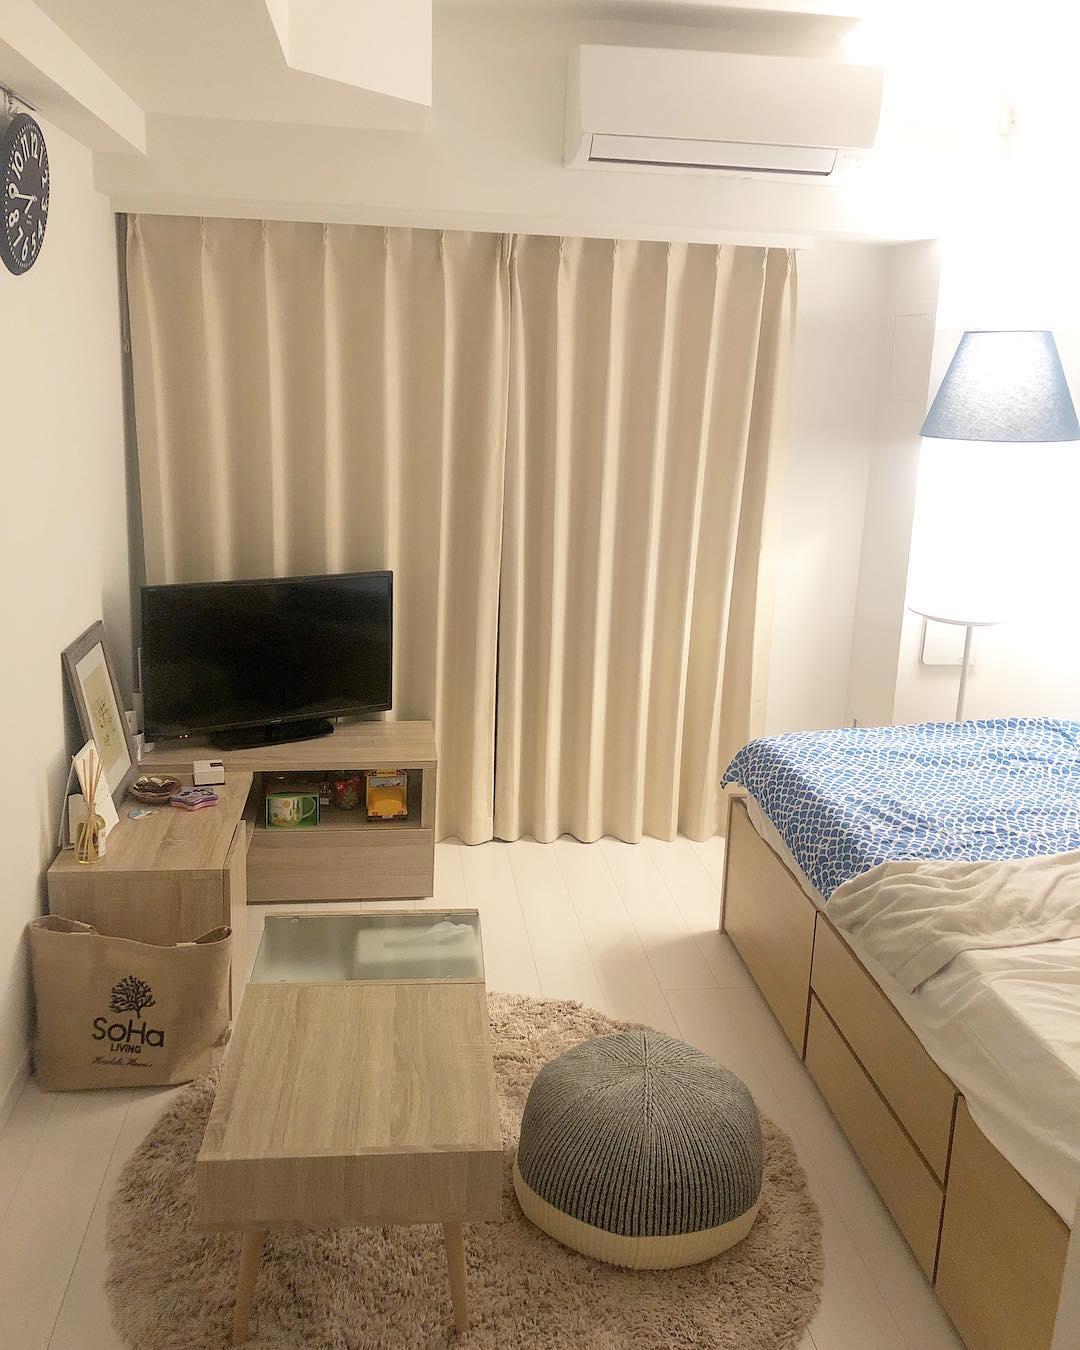 家具の配置を壁際に寄せたインテリア